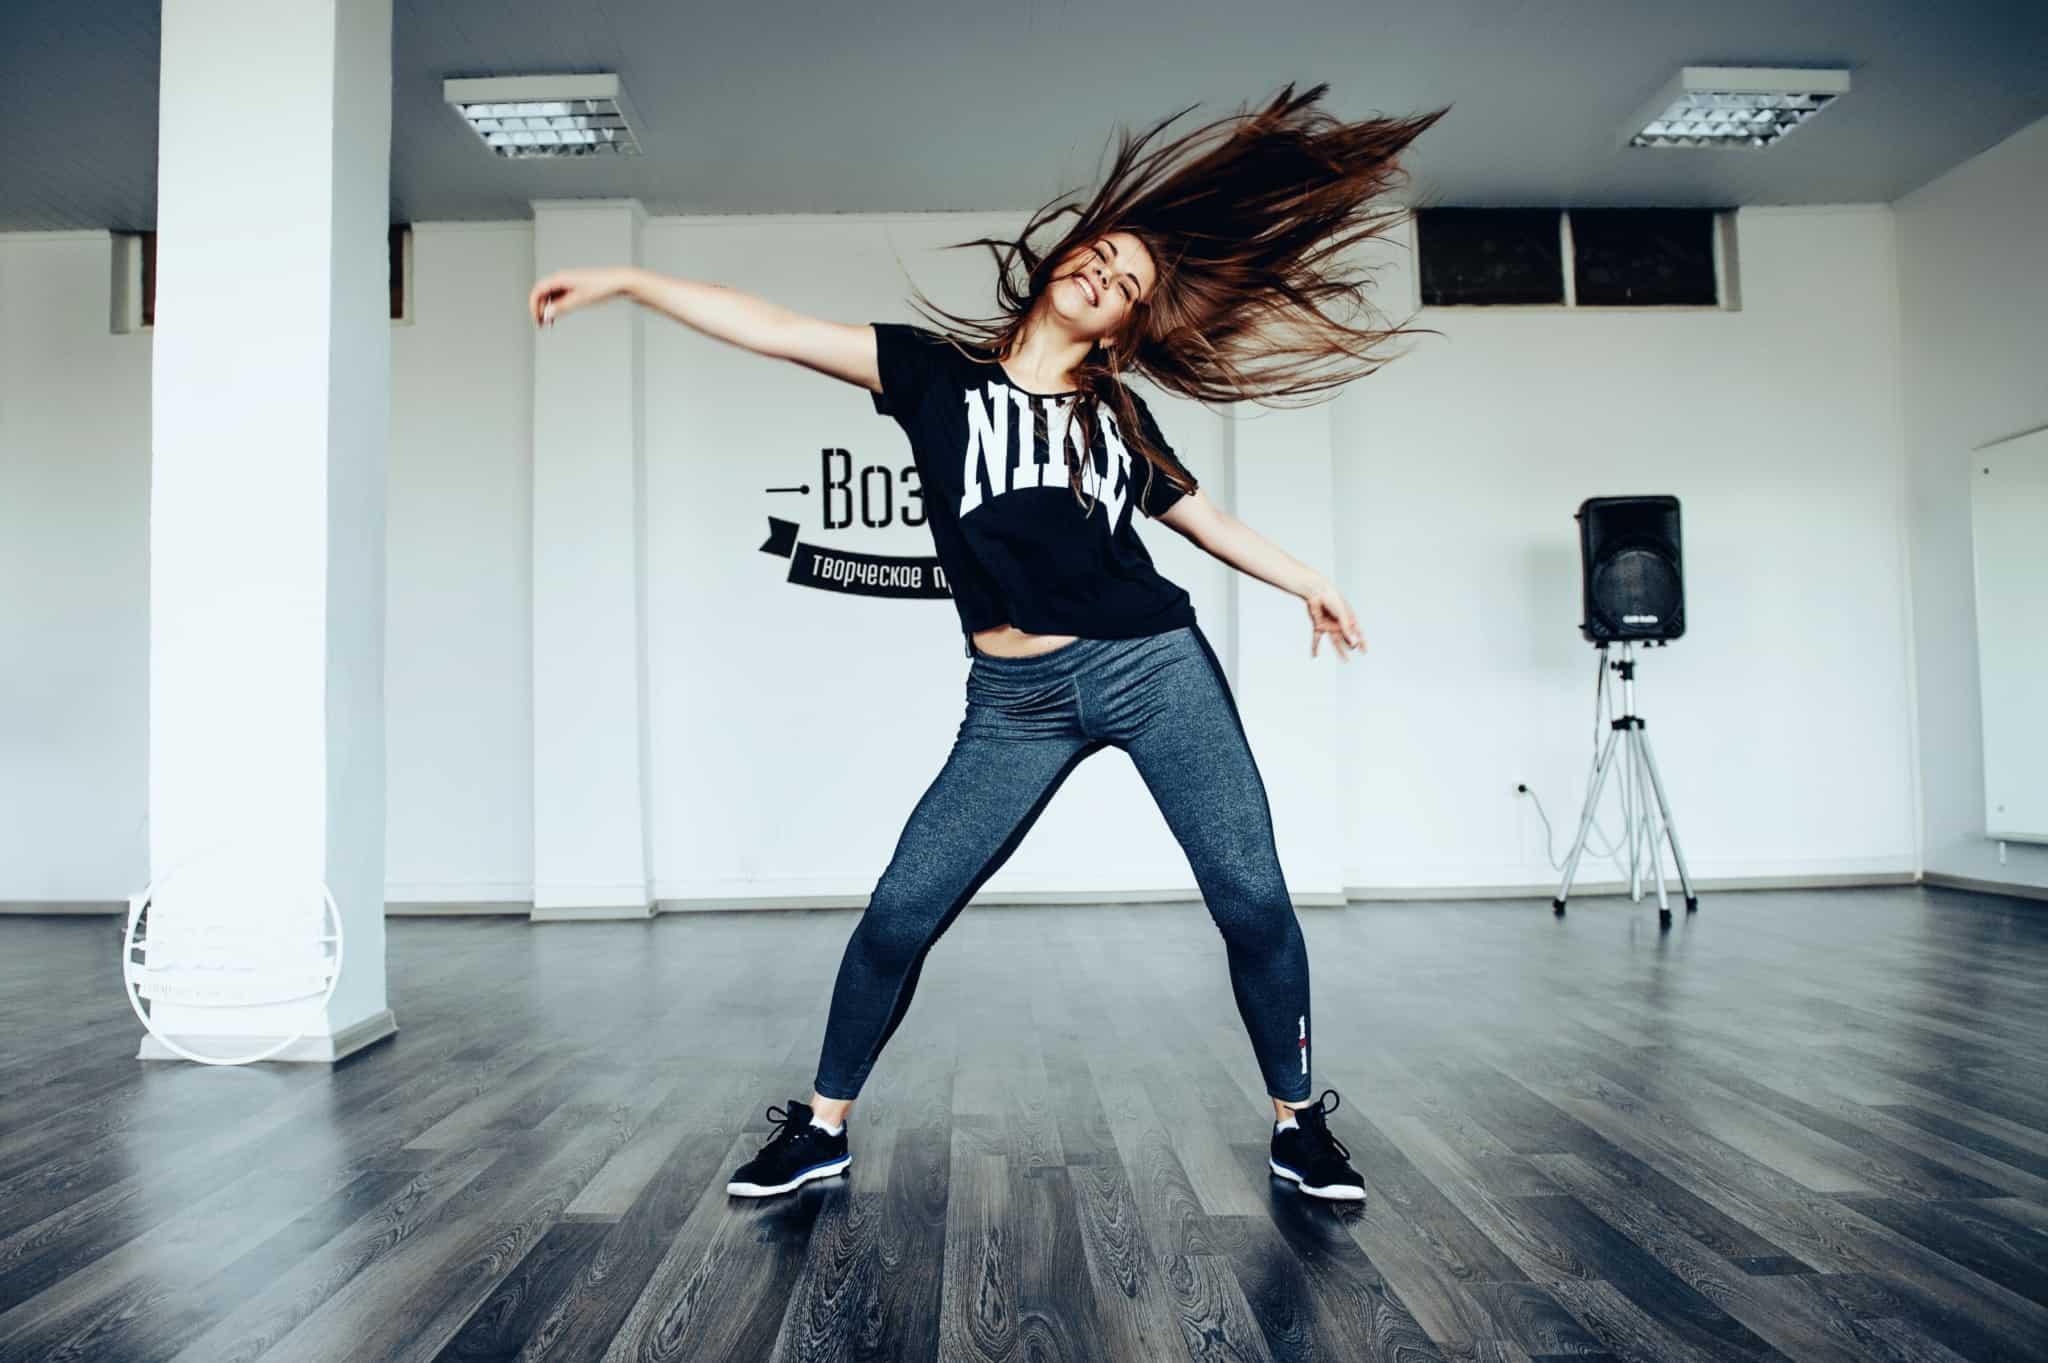 rapariga a dançar num estúdio